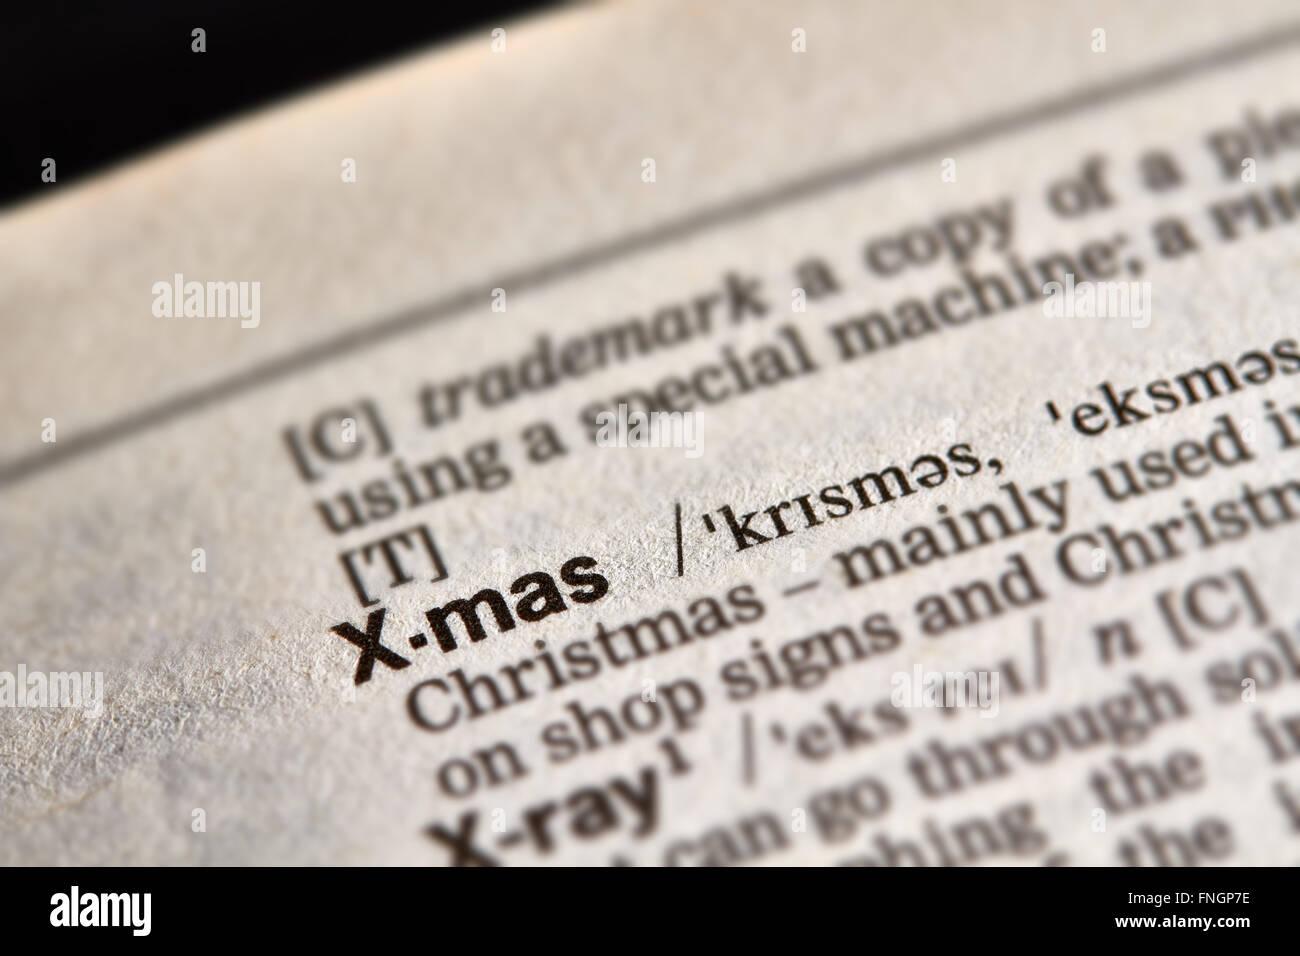 X-mas palabras en el diccionario de texto Definición Página Imagen De Stock